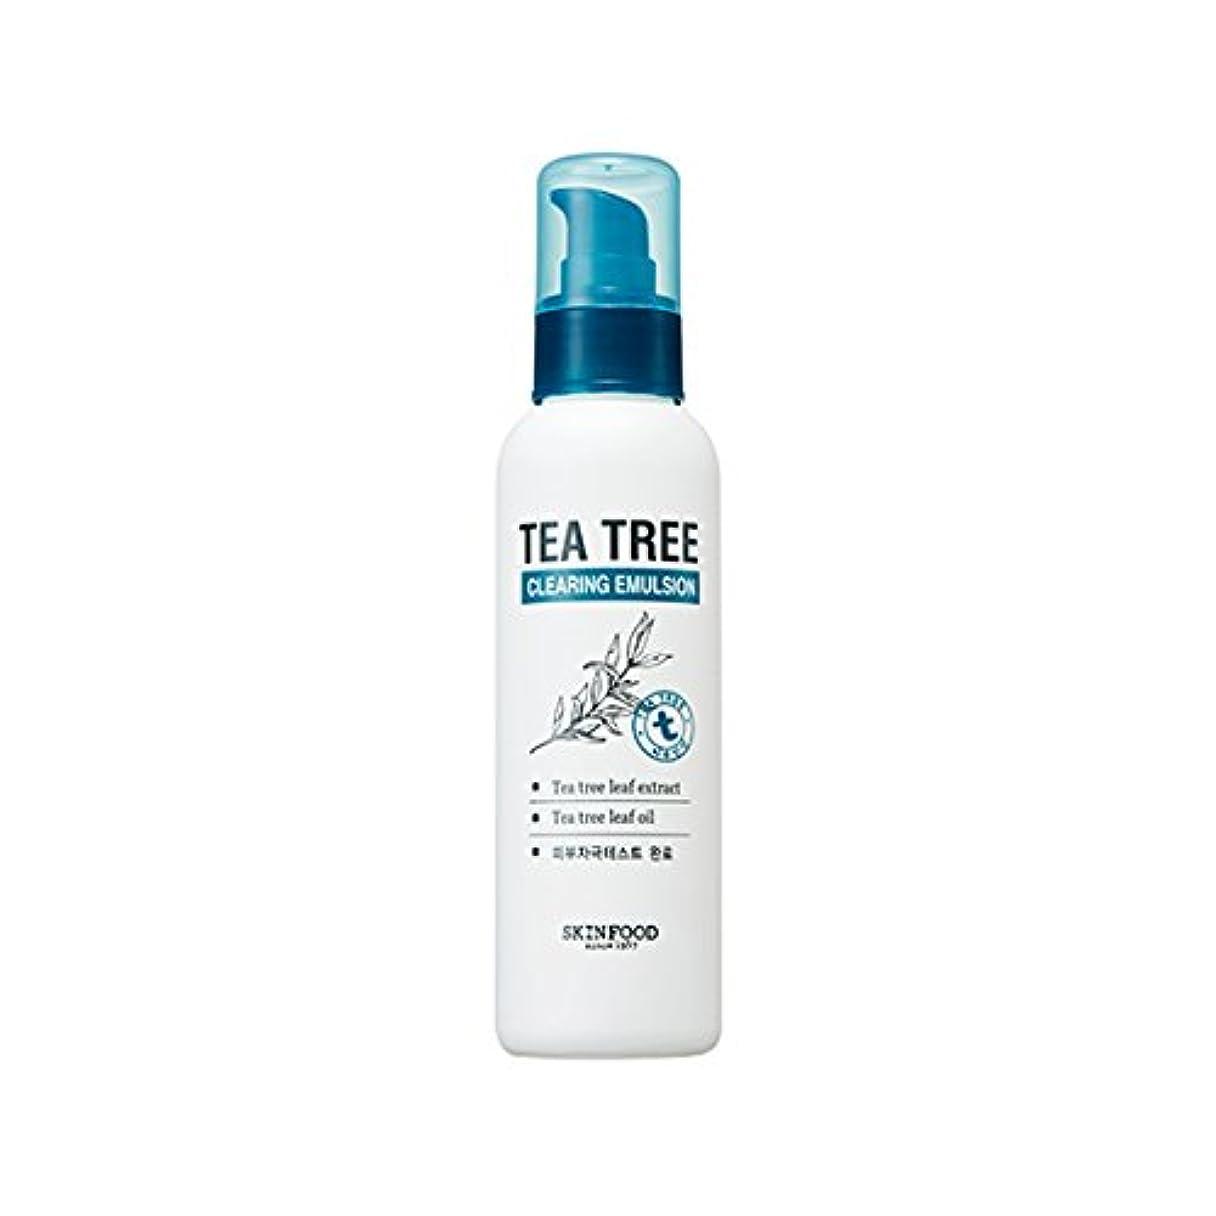 ストリーム人間即席SKINFOOD Tea Tree Clearing Emulsion 135ml/スキンフード ティーツリー クリアリング エマルジョン 135ml [並行輸入品]